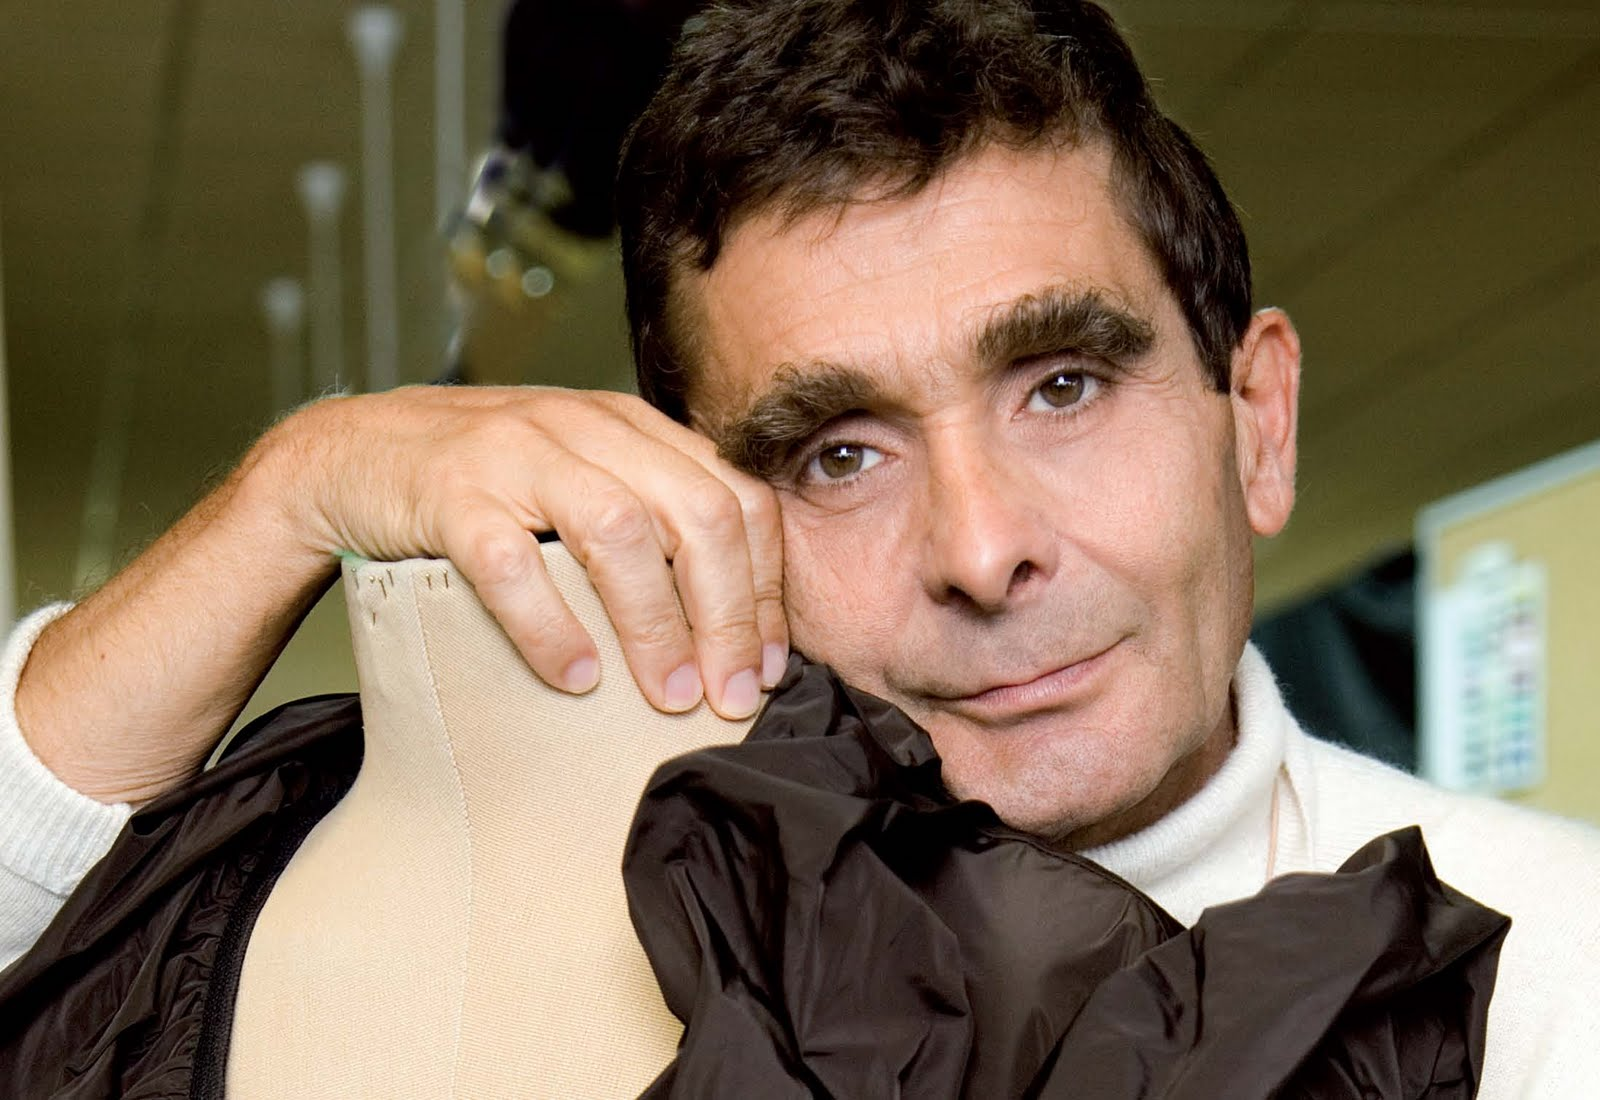 Pensamientos delirios y otras certezas 10 famosos que for Adolfo dominguez barcelona spain